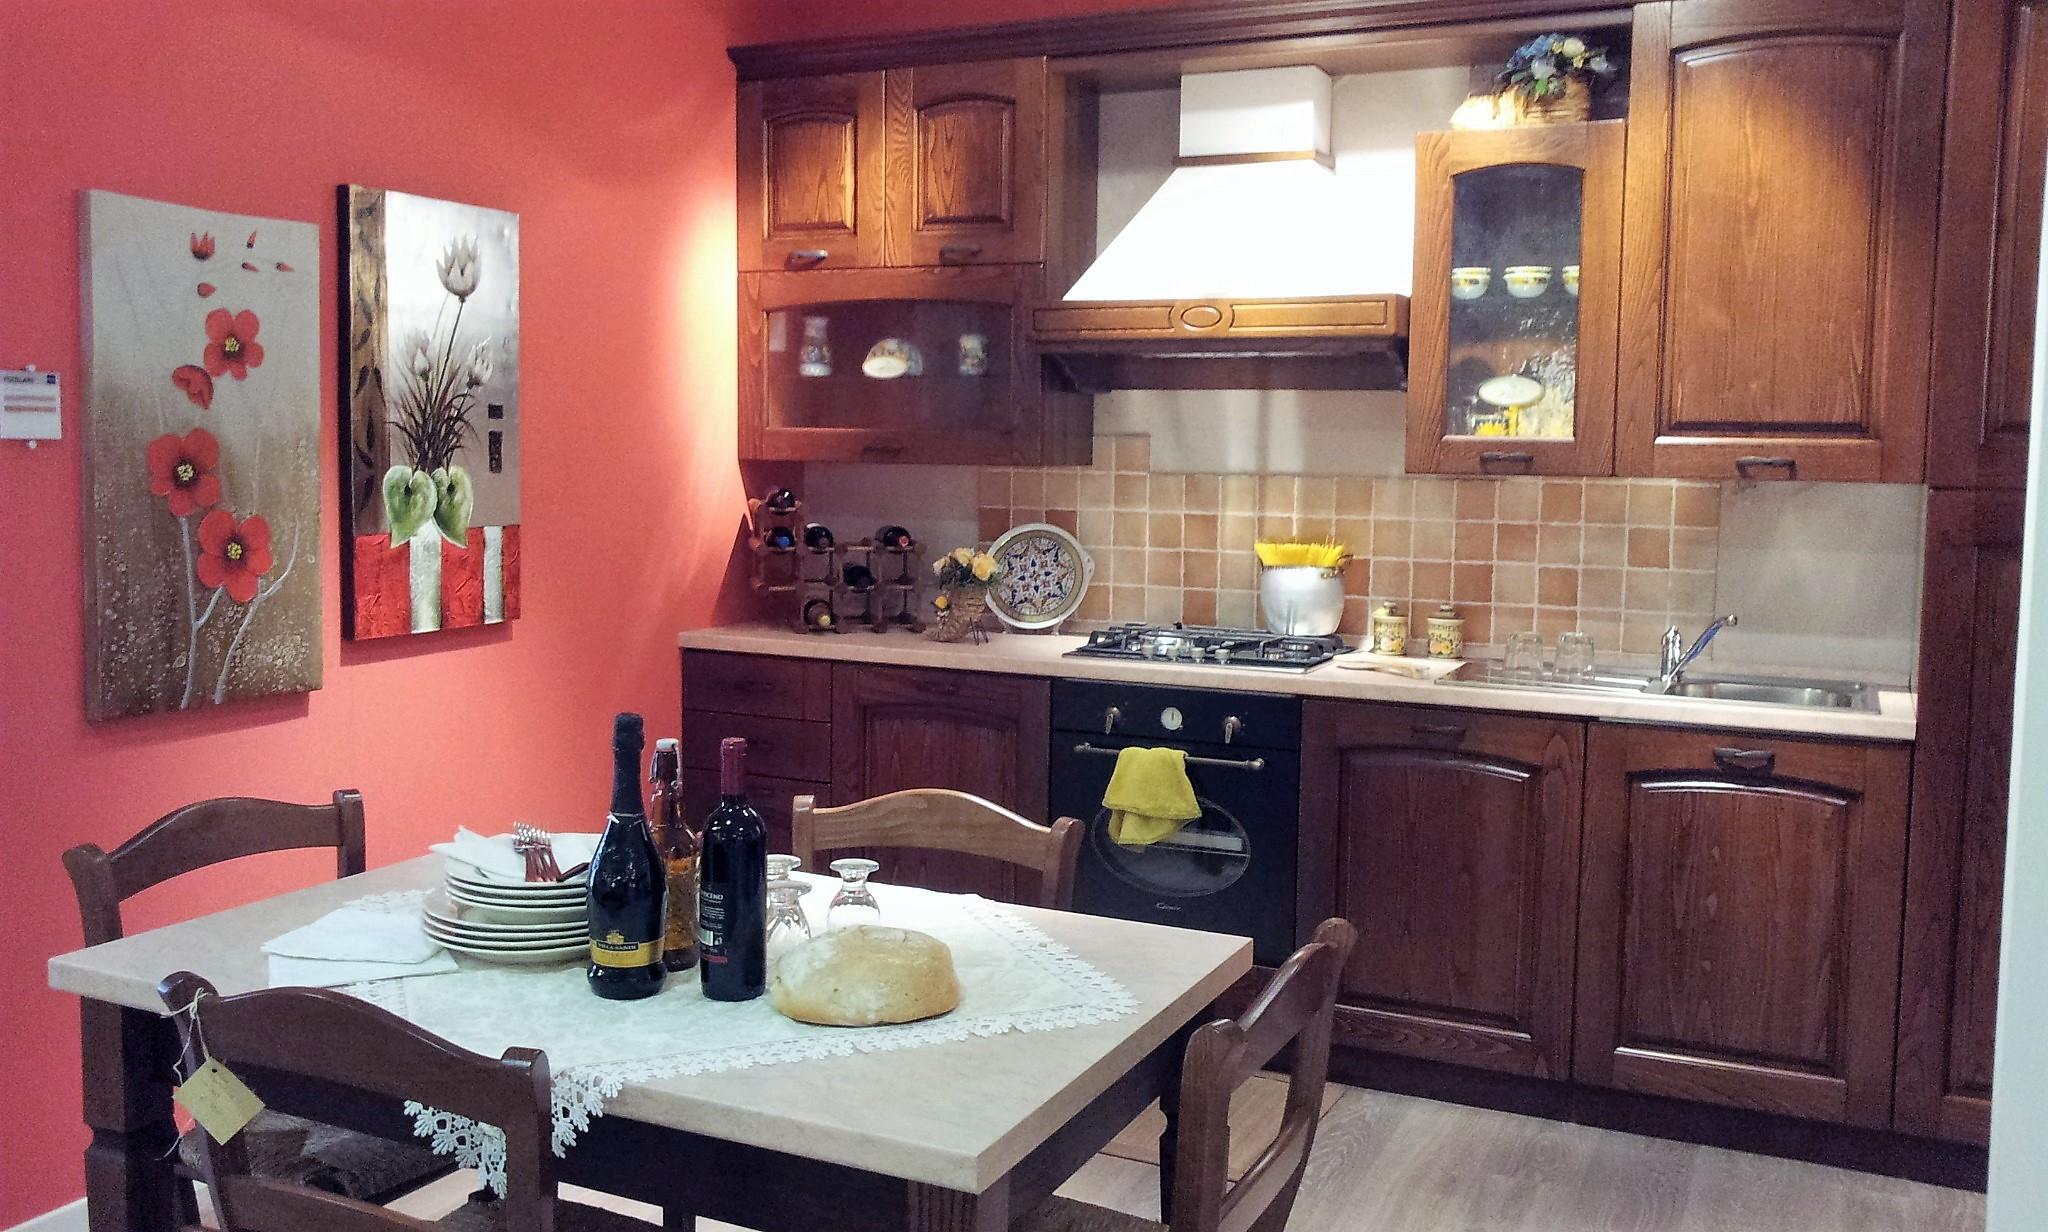 Stosa Cucine Cucina Focolare di stosa cucine scontato del -52 % - Cucine a pr...